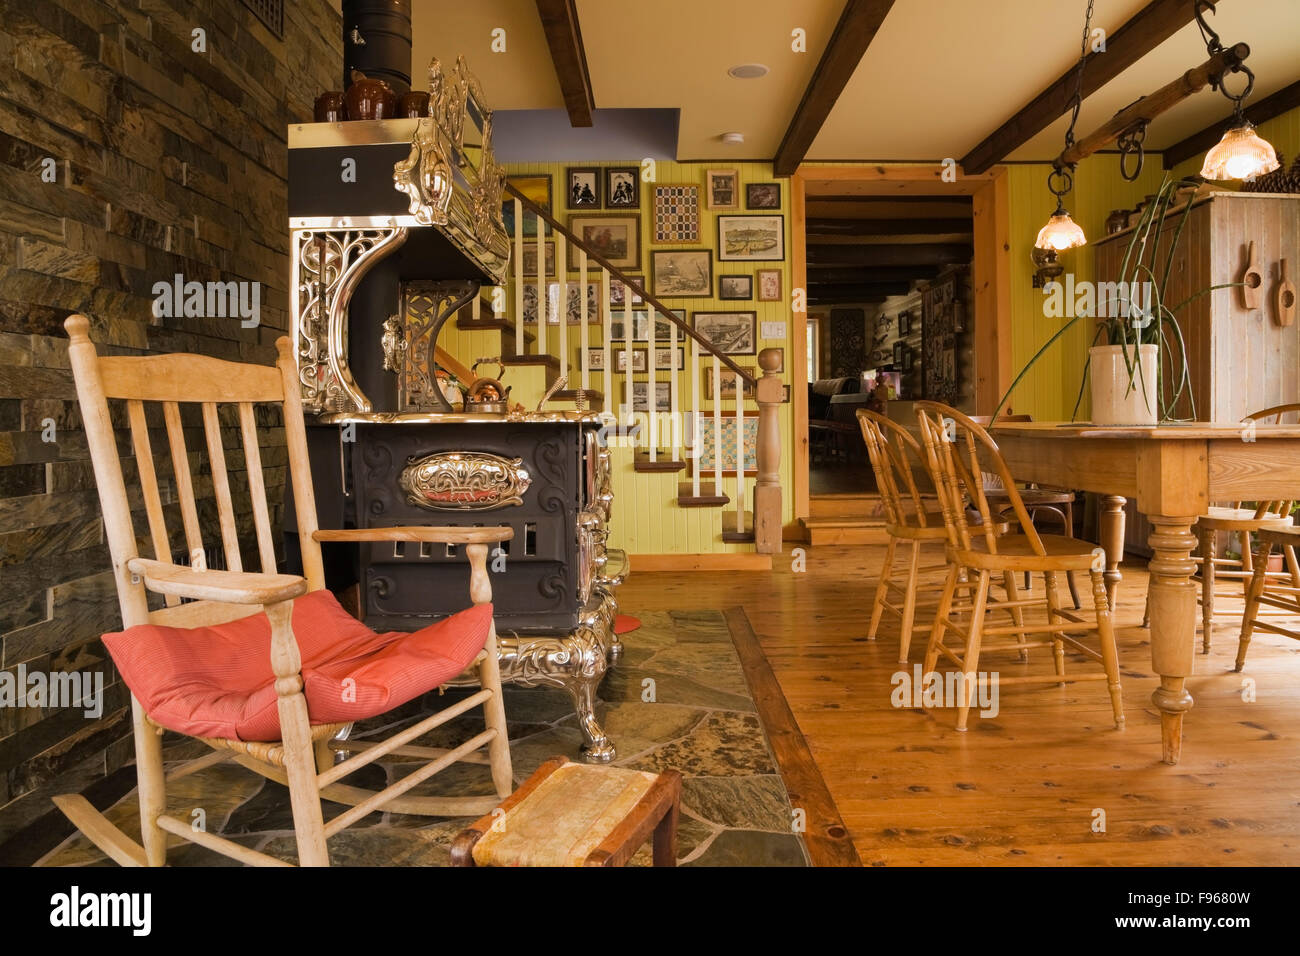 kuchenherd im landhausstil design ideen holz, kuche esszimmer mit landhausstil - homeautodesign -, Design ideen